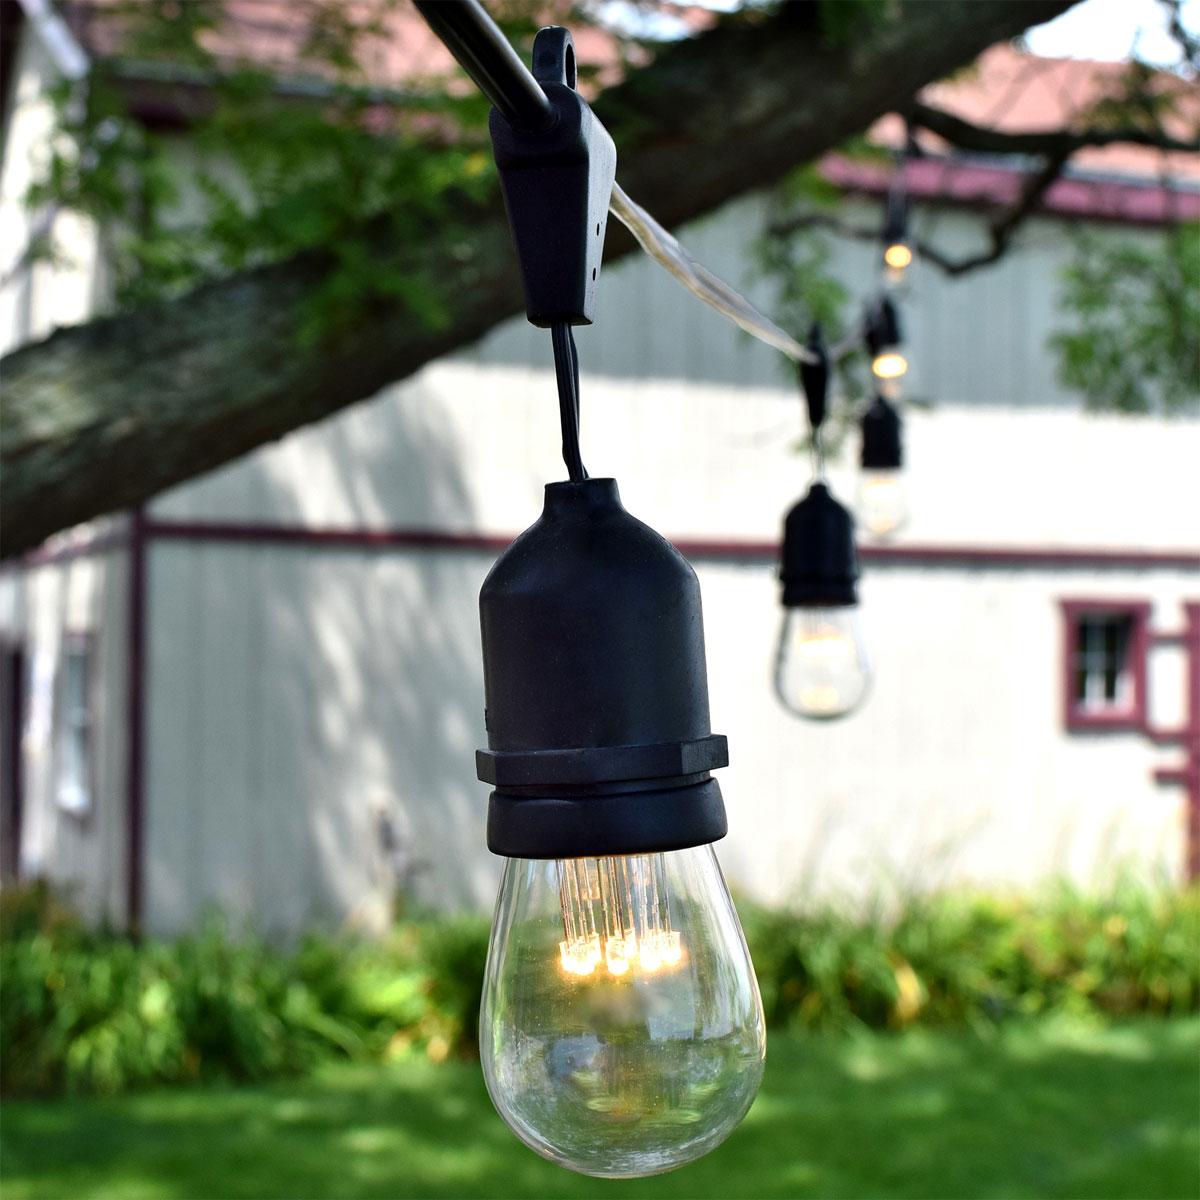 Commercial Outdoor Kitchen: LED Suspended Vintage String Lights